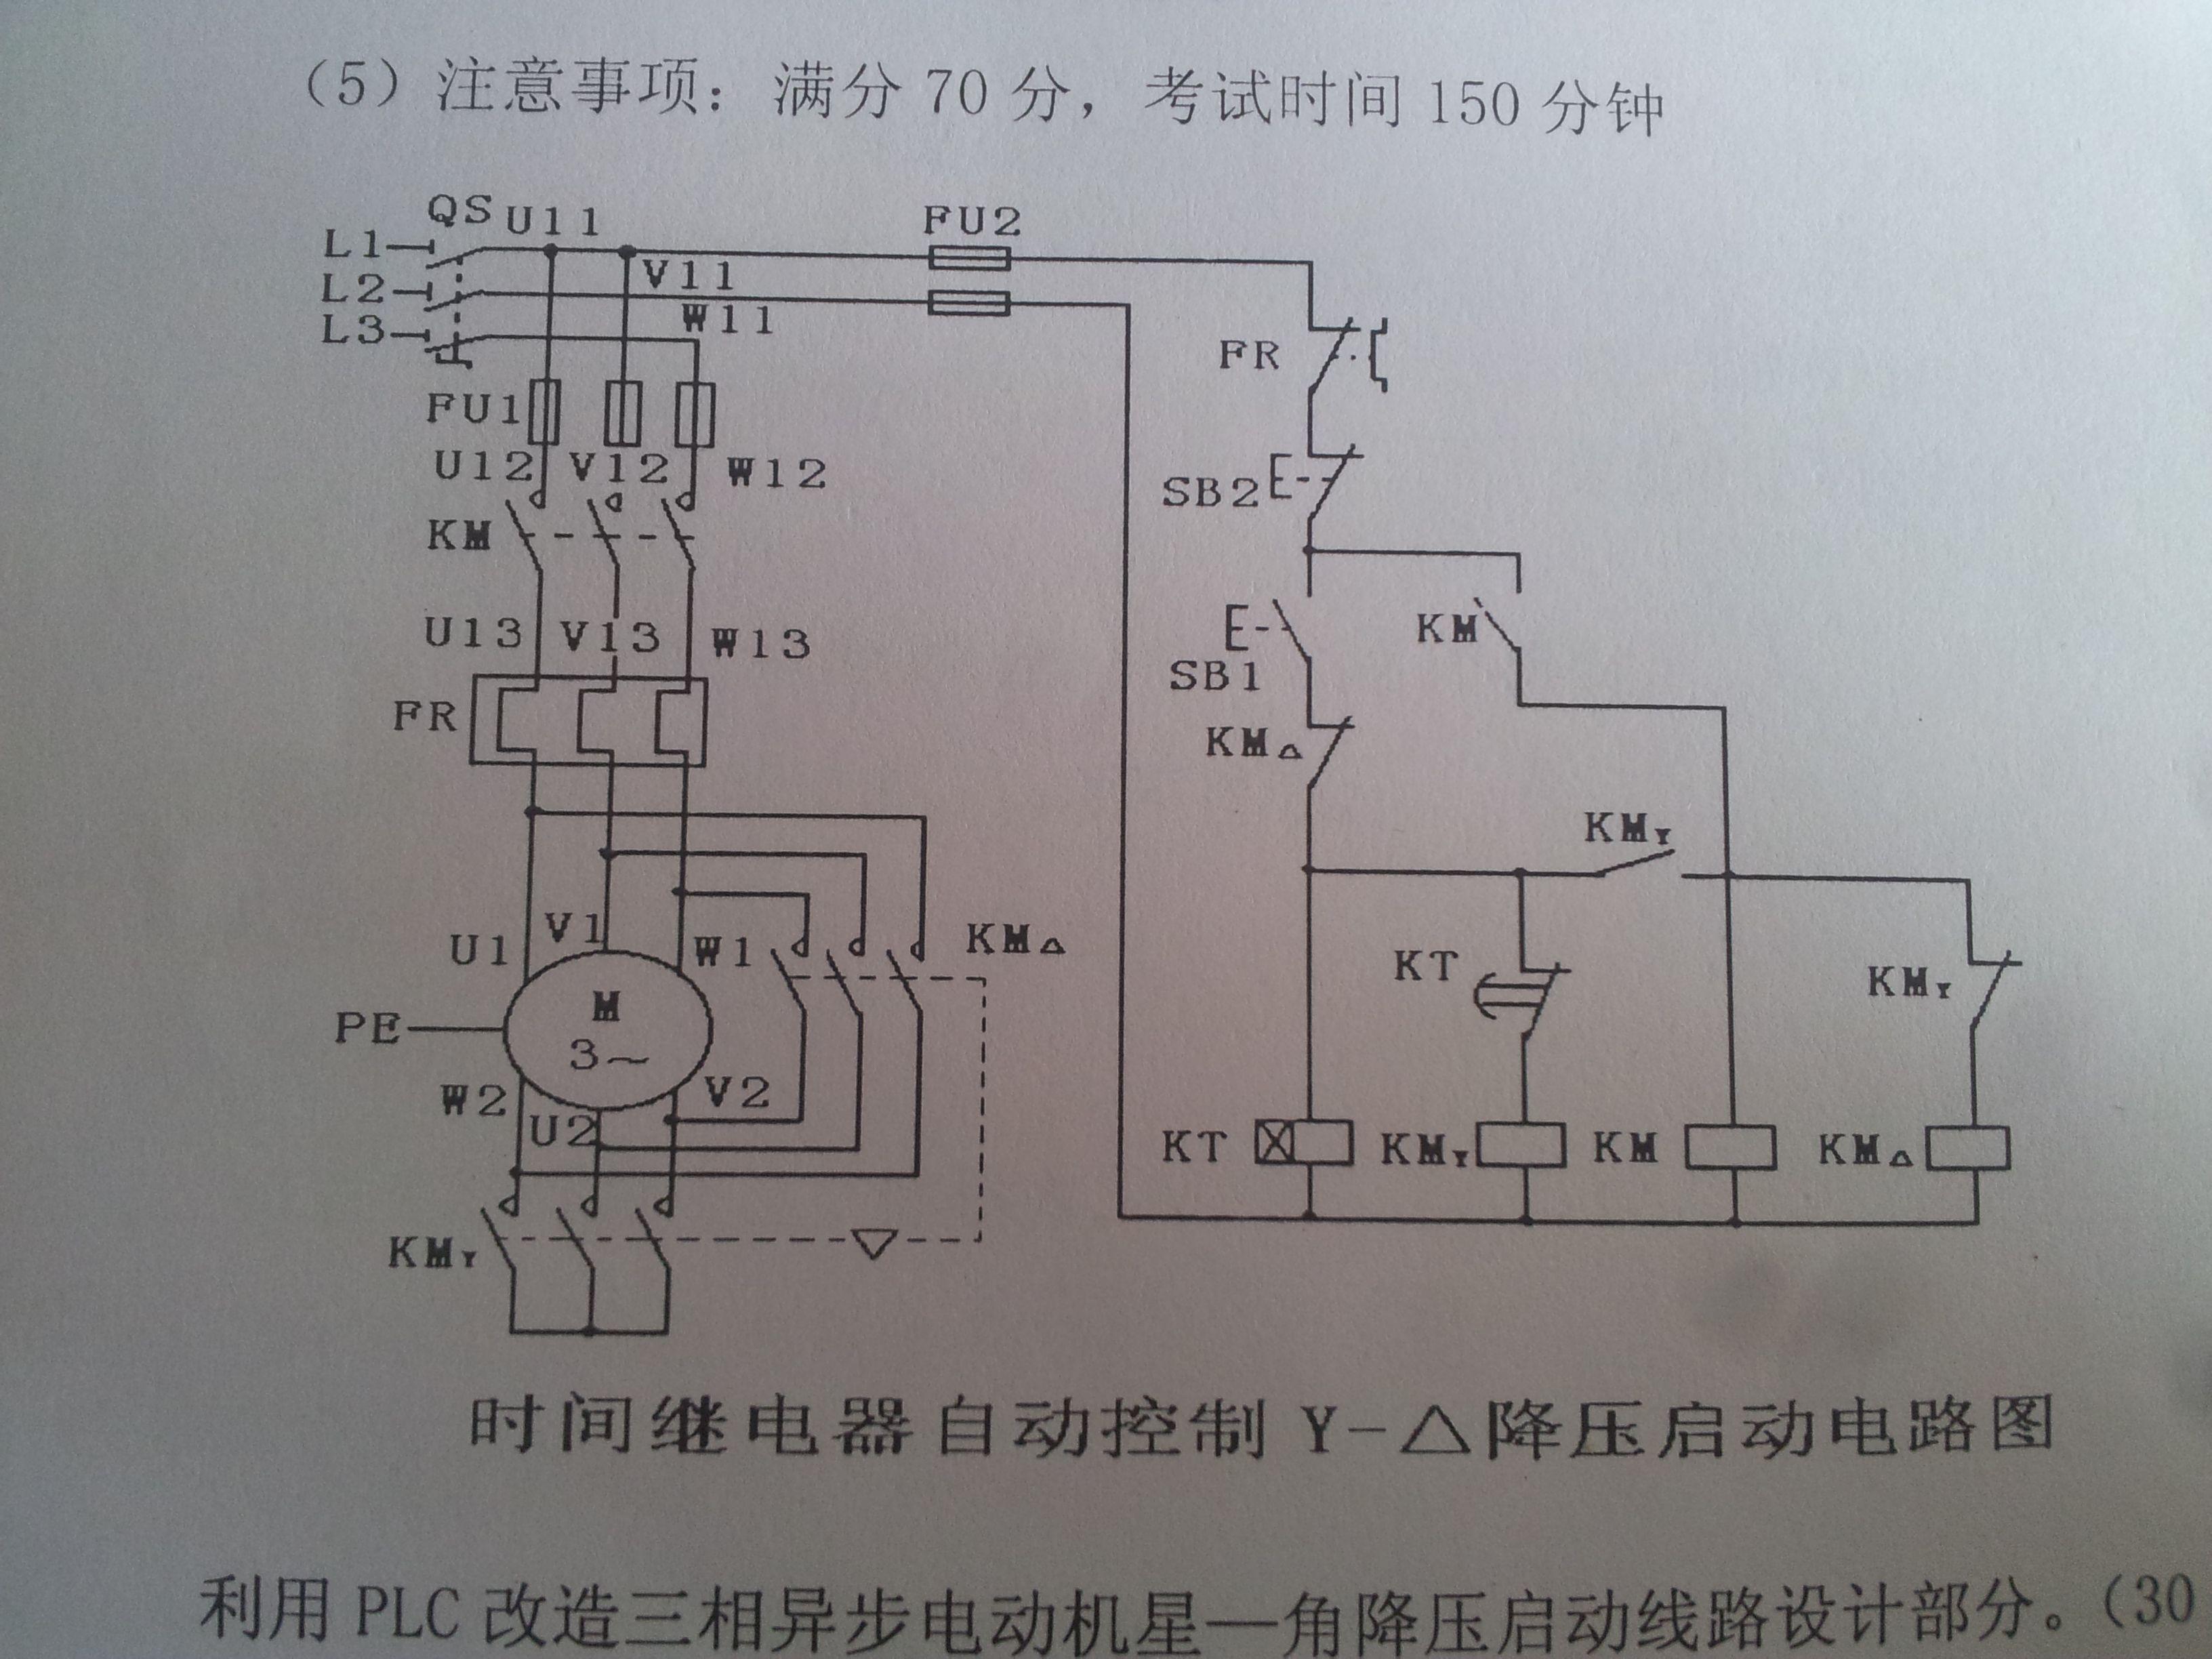 通电延时断开继电器kt与继电器km△会不会时间竞争?